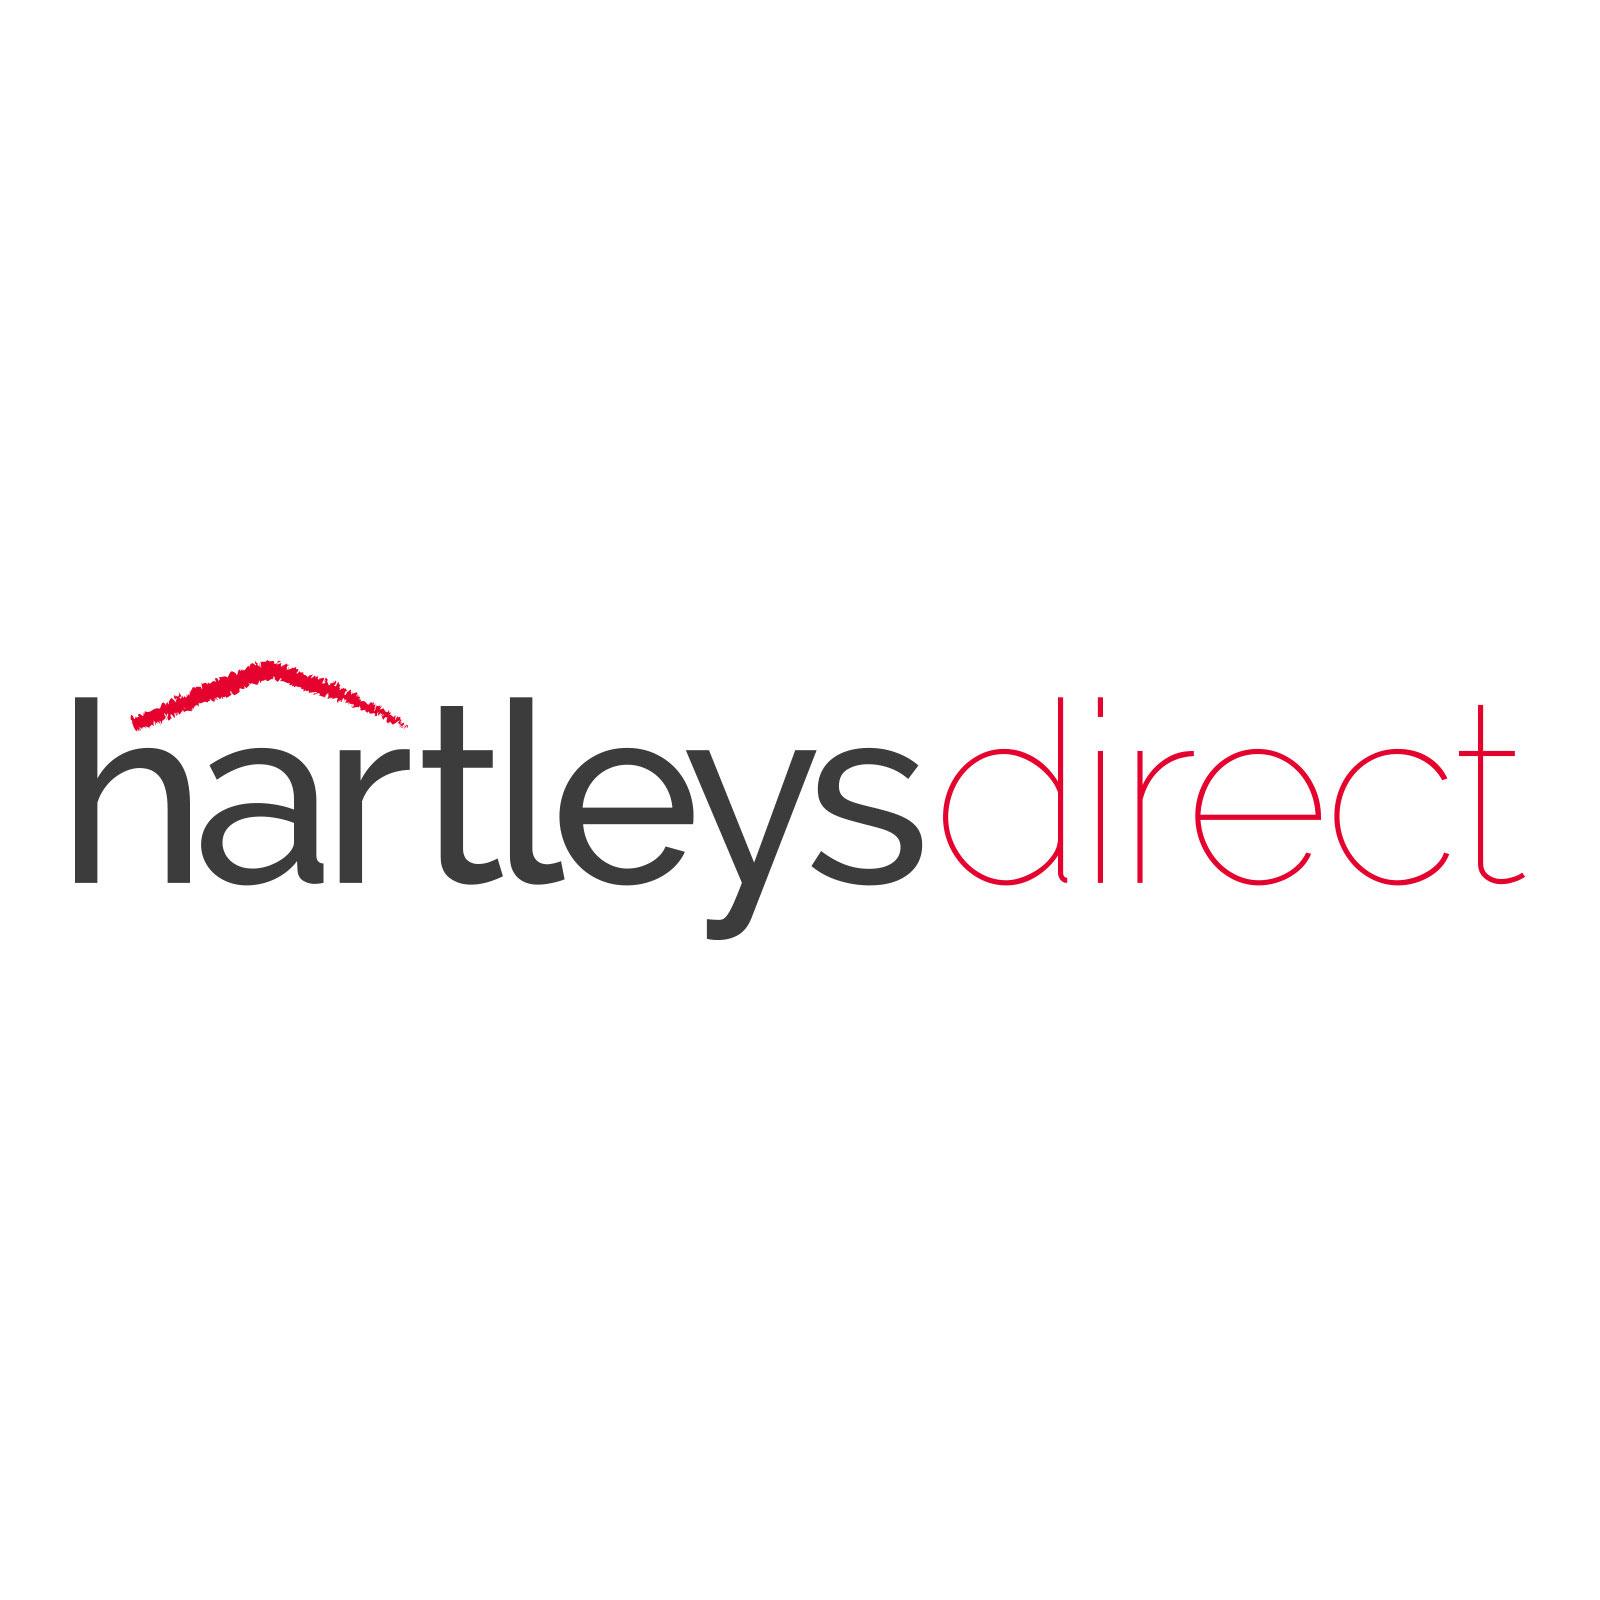 Hartleys-Grey-1-Drawer-Bedside-Table-on-White-Background.jpg